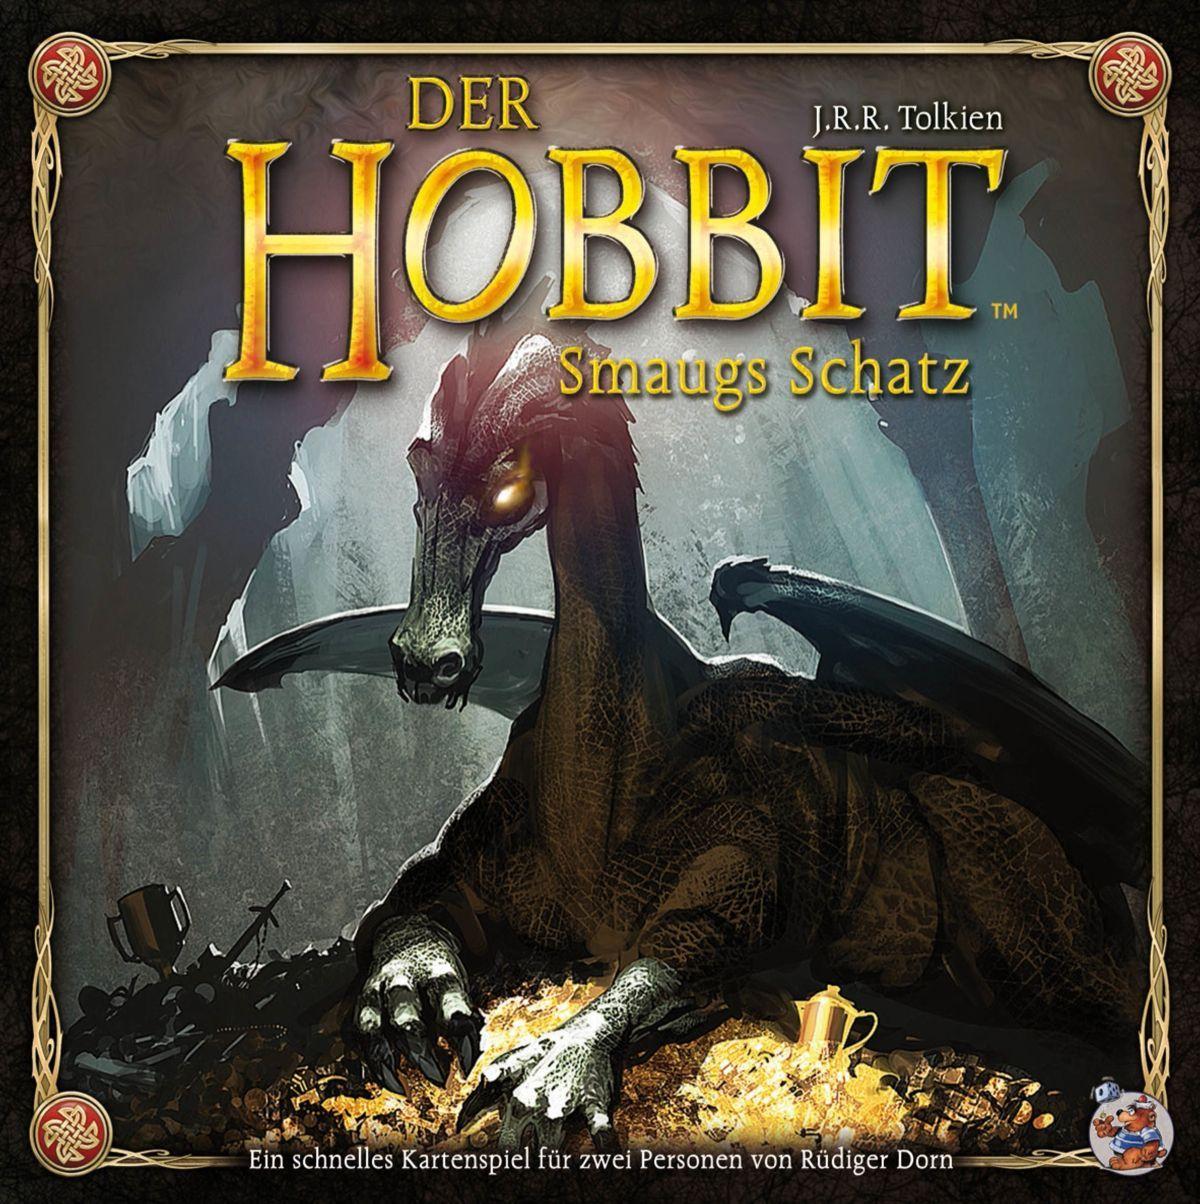 настольная игра The Hobbit: Enchanted Gold Хоббит: Зачарованное золото